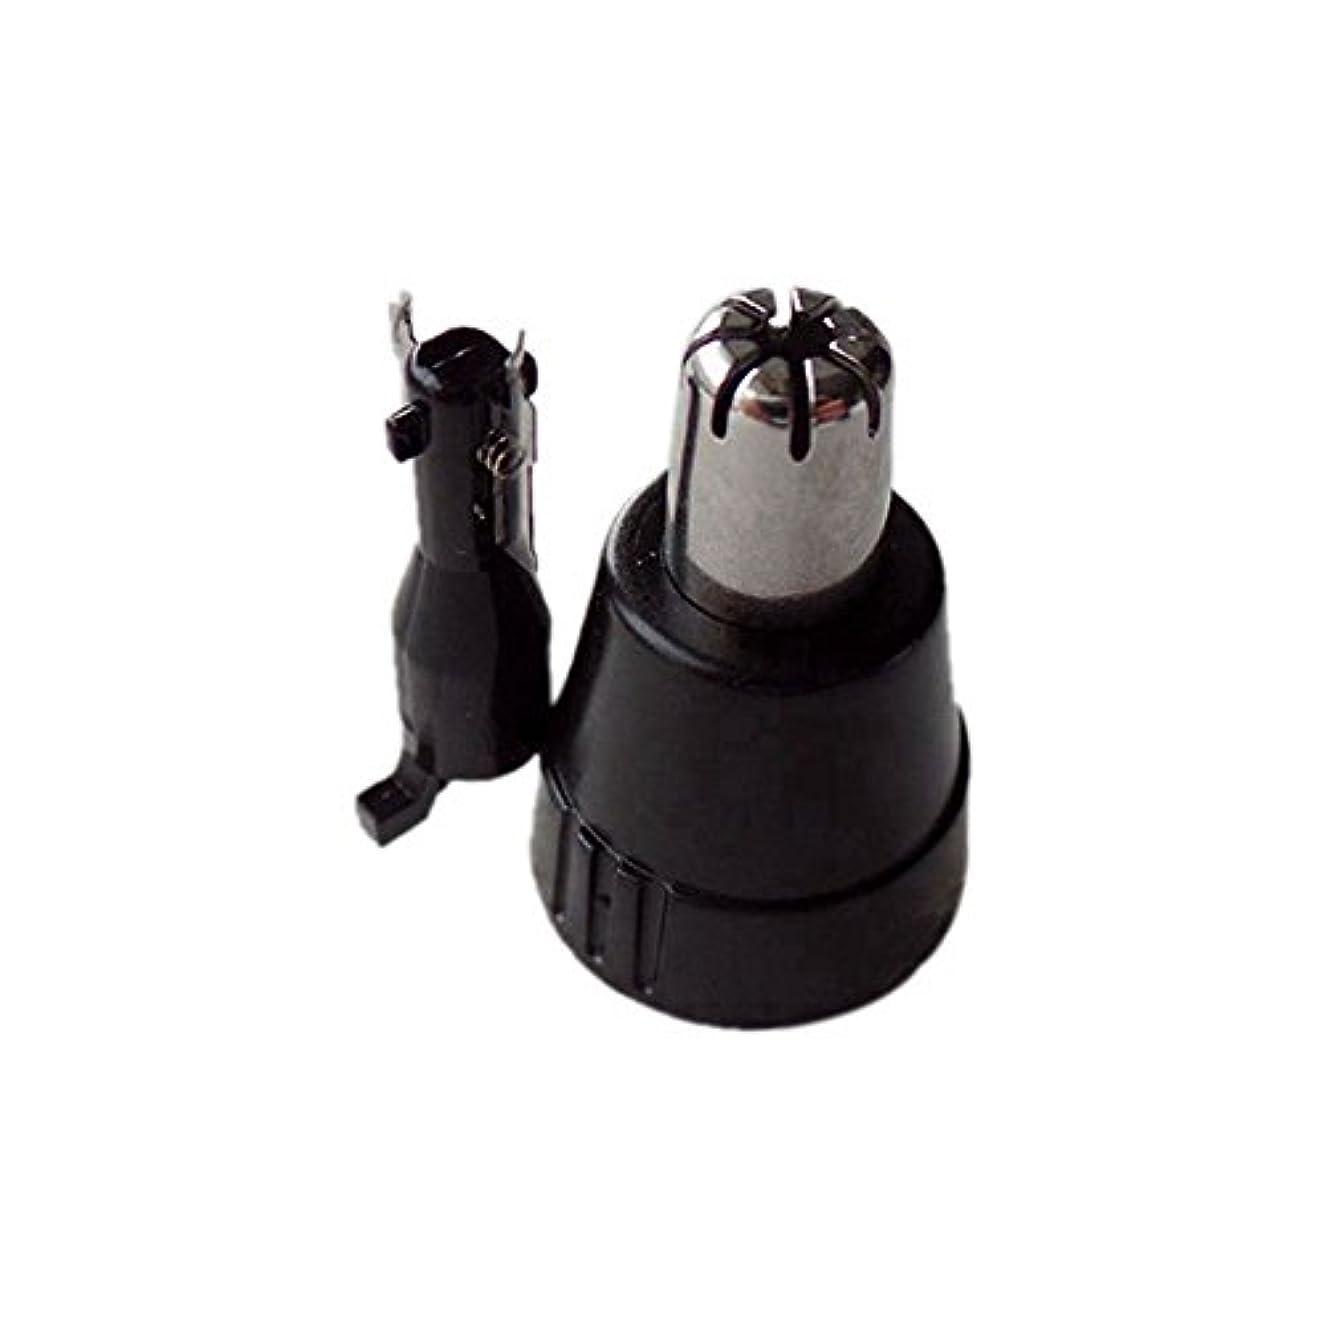 覗く不均一権限Janjunsi 鼻毛カッター部品 交換用 パーツ 内刃 外刃 替刃 耐用 for Panasonic 鼻毛カッター ER-GN30/-GN10